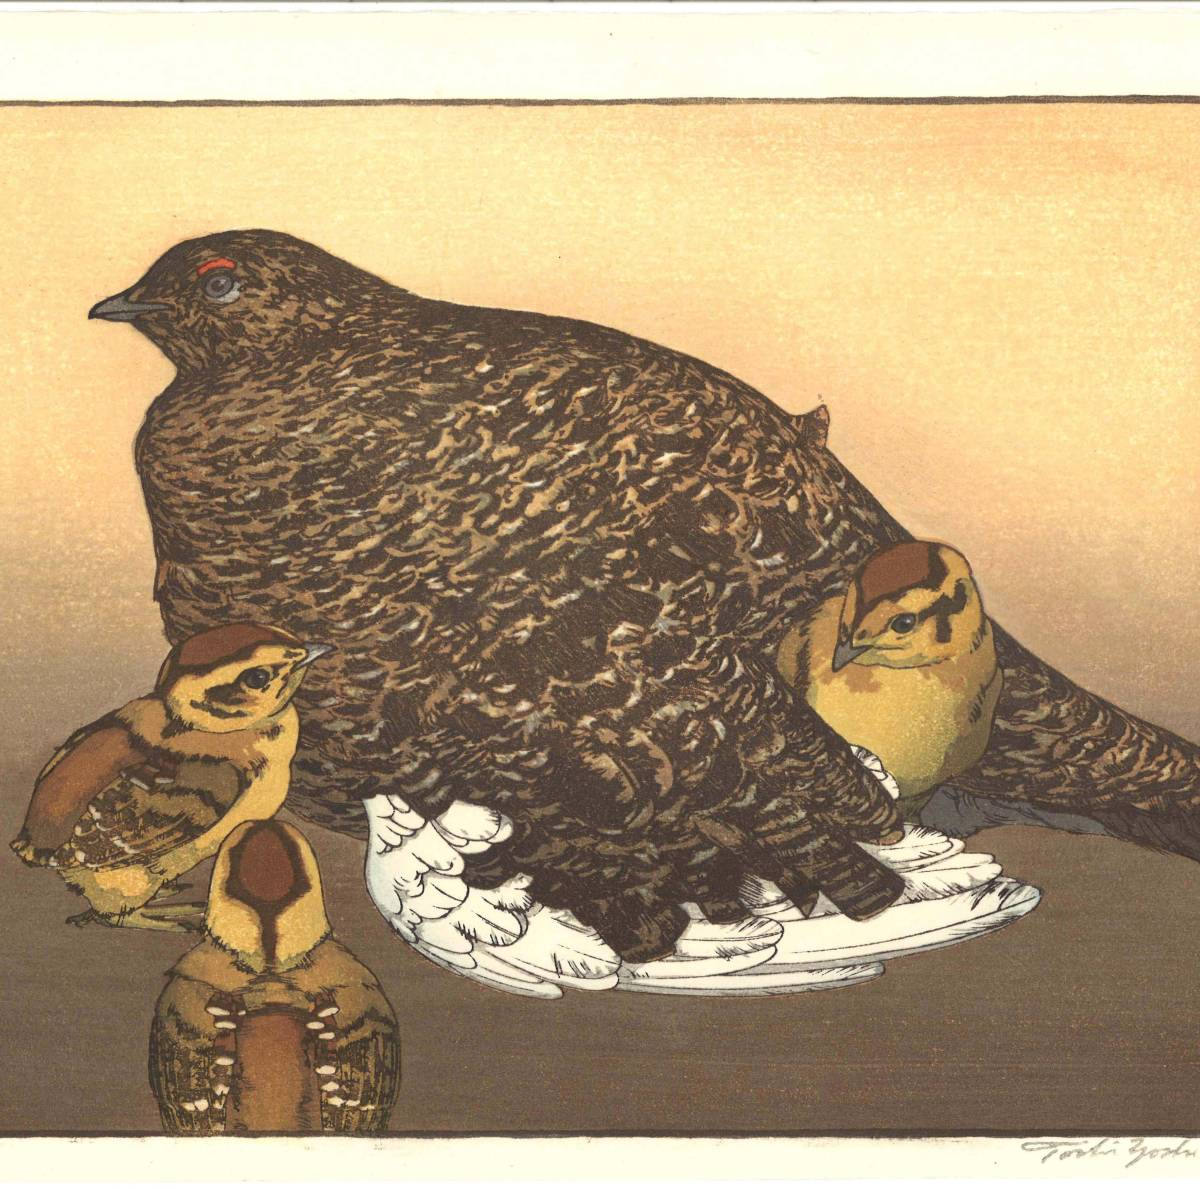 吉田遠志 木版画 013001 雷鳥 (Raicho) 初摺1930年 初期の頃の作品!!  最高峰の摺師の技をご堪能下さい!!_画像3